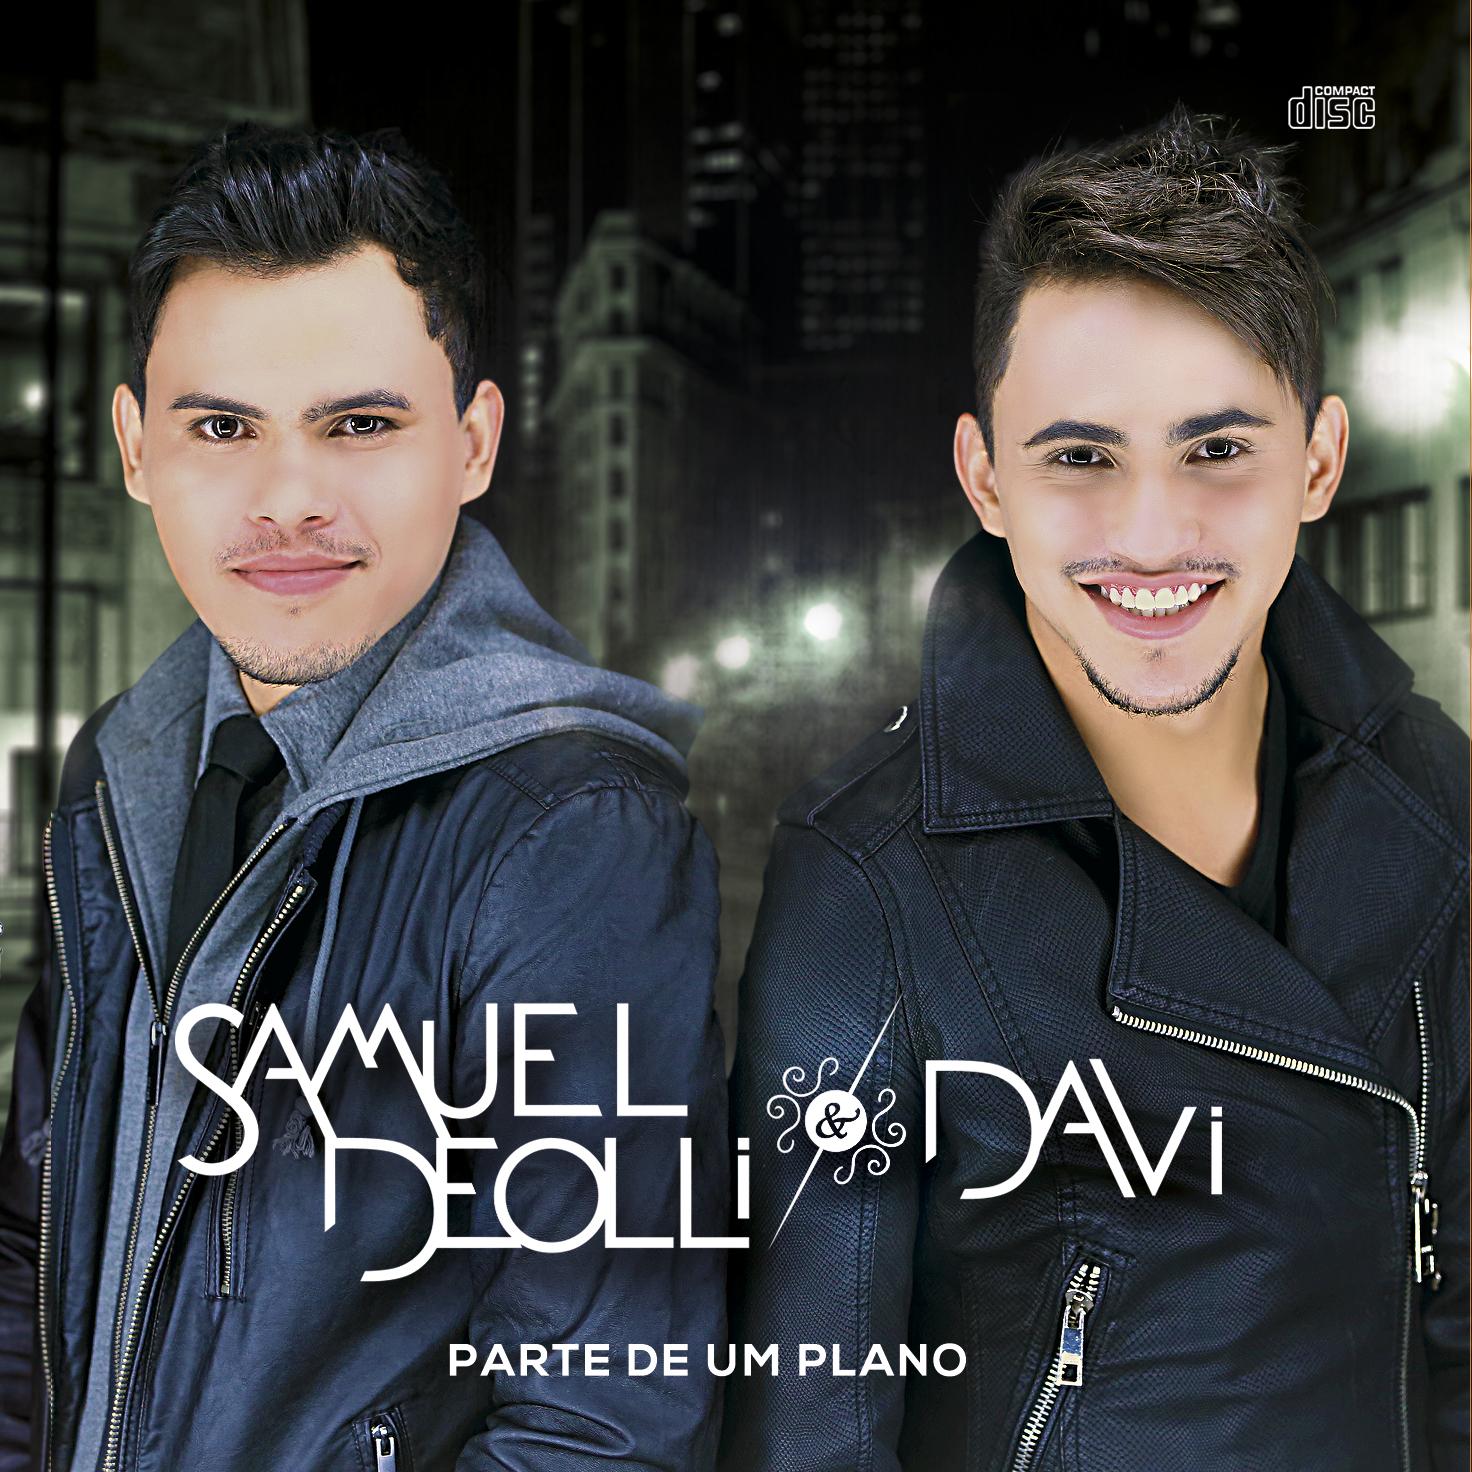 Saiu o primeiro CD de Samuel Deolli & Davi. Ouça e baixe aqui.